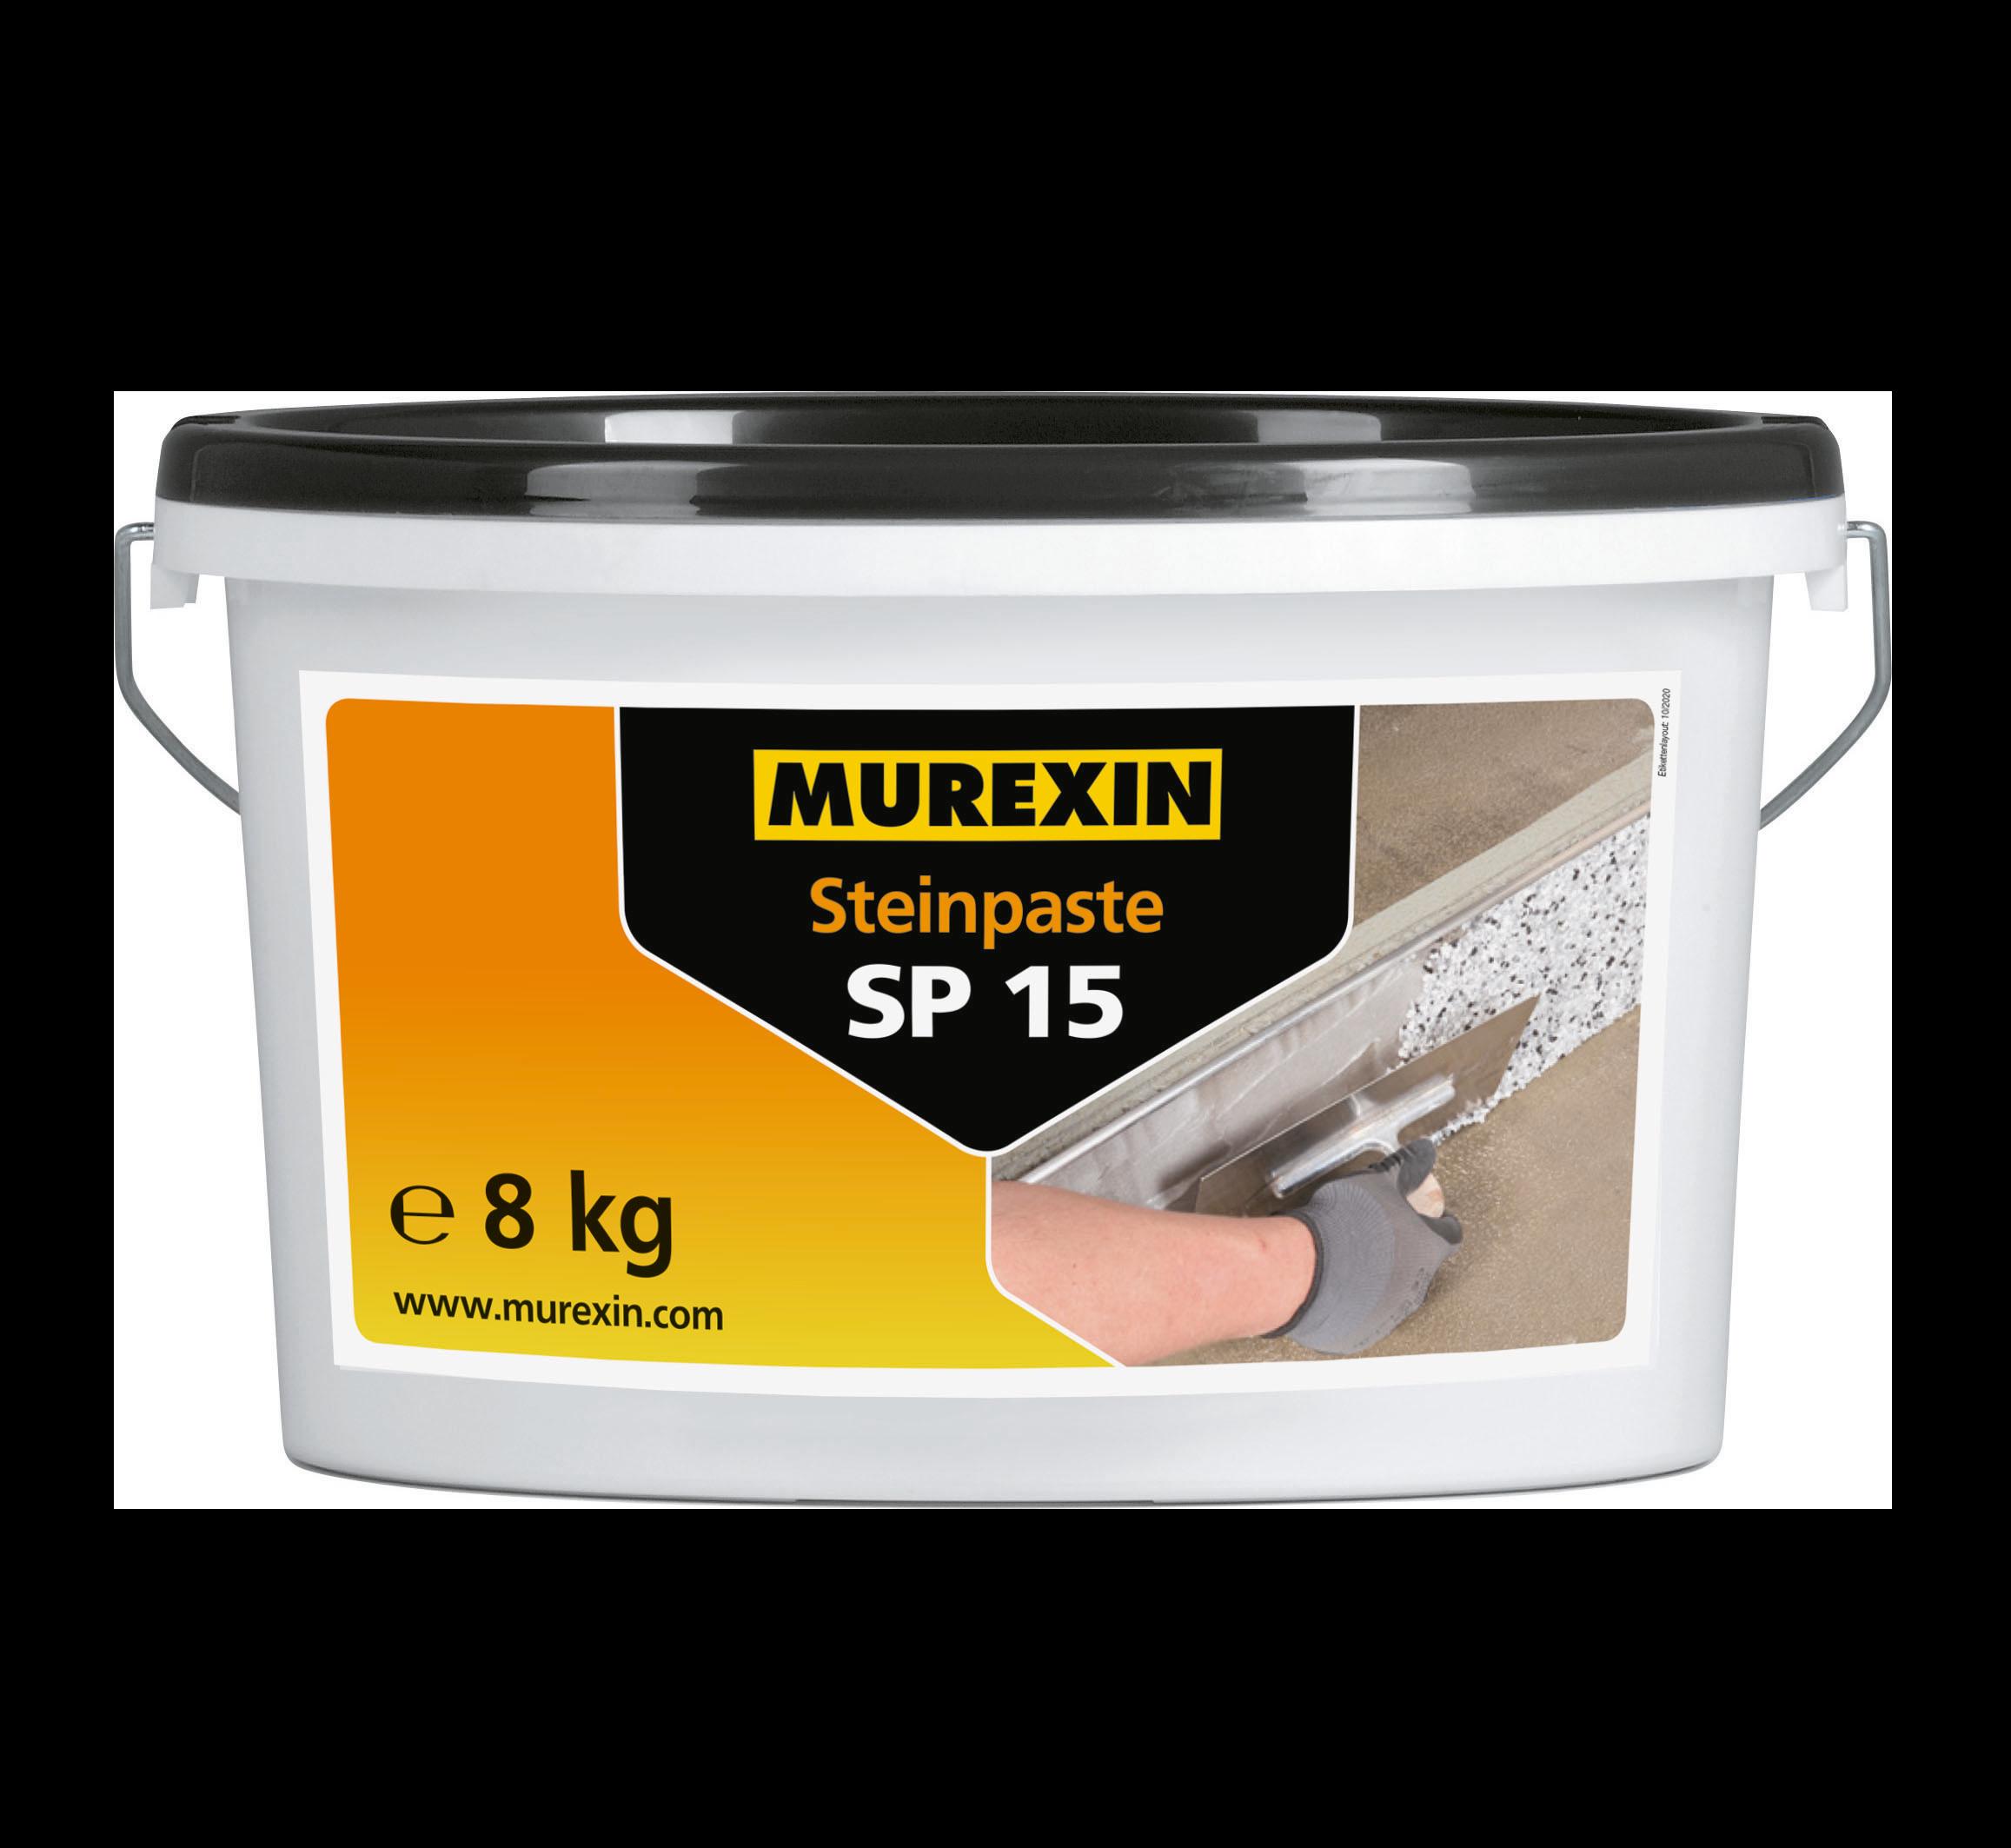 Murexin Kamenný koberec SP 15 - pojivo pro svislé plochy 8 kg